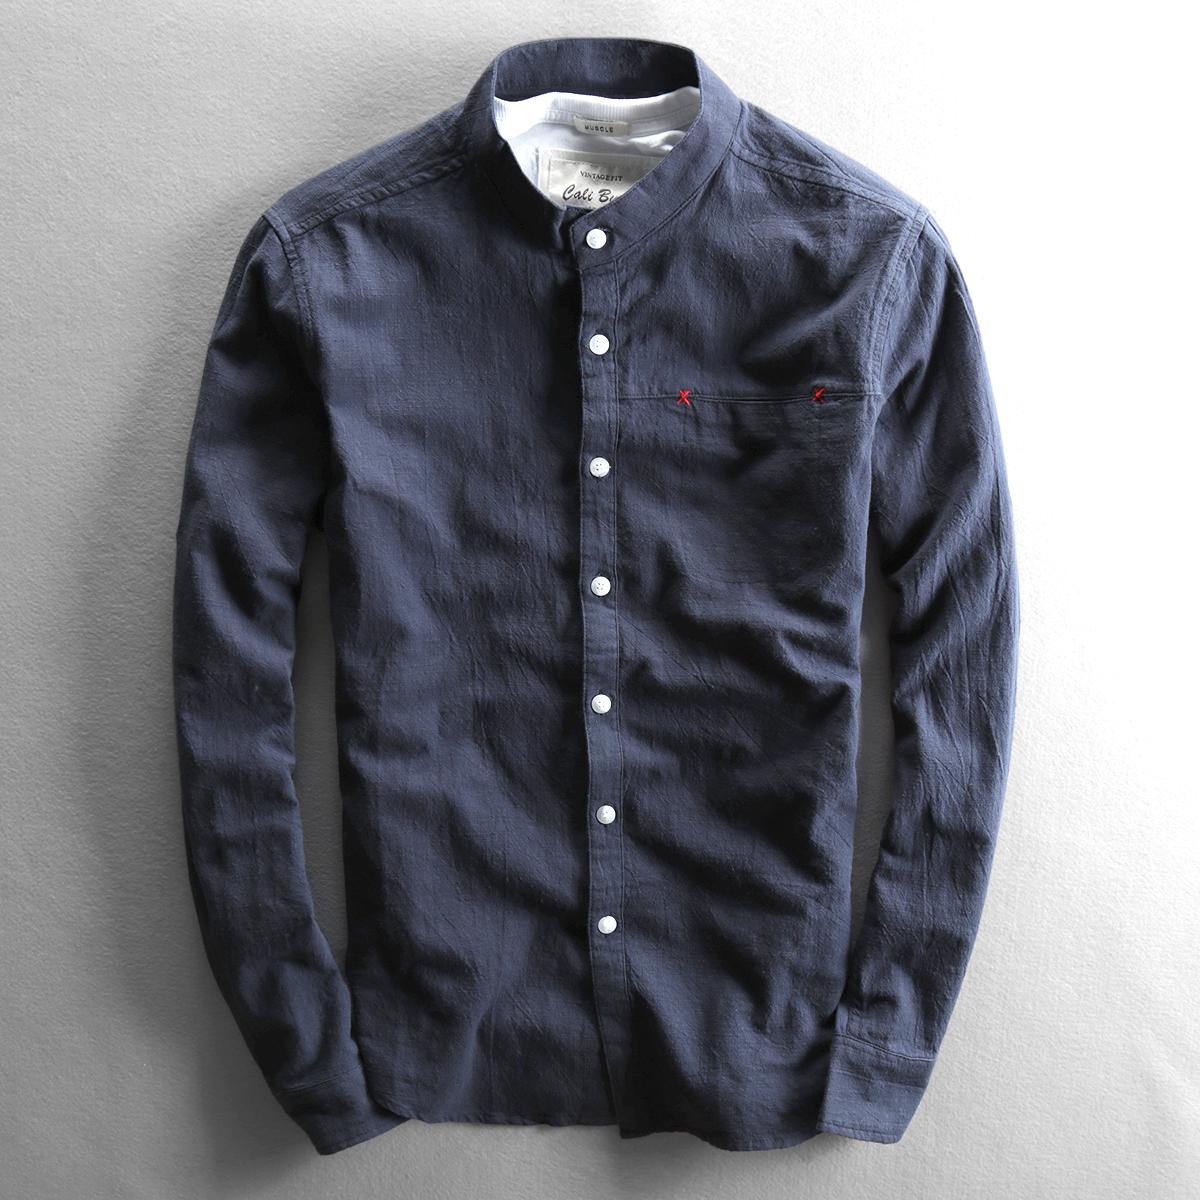 秋季男士新款休闲亚麻衬衫立领修身长袖棉麻布料薄款简约上衣衬衣